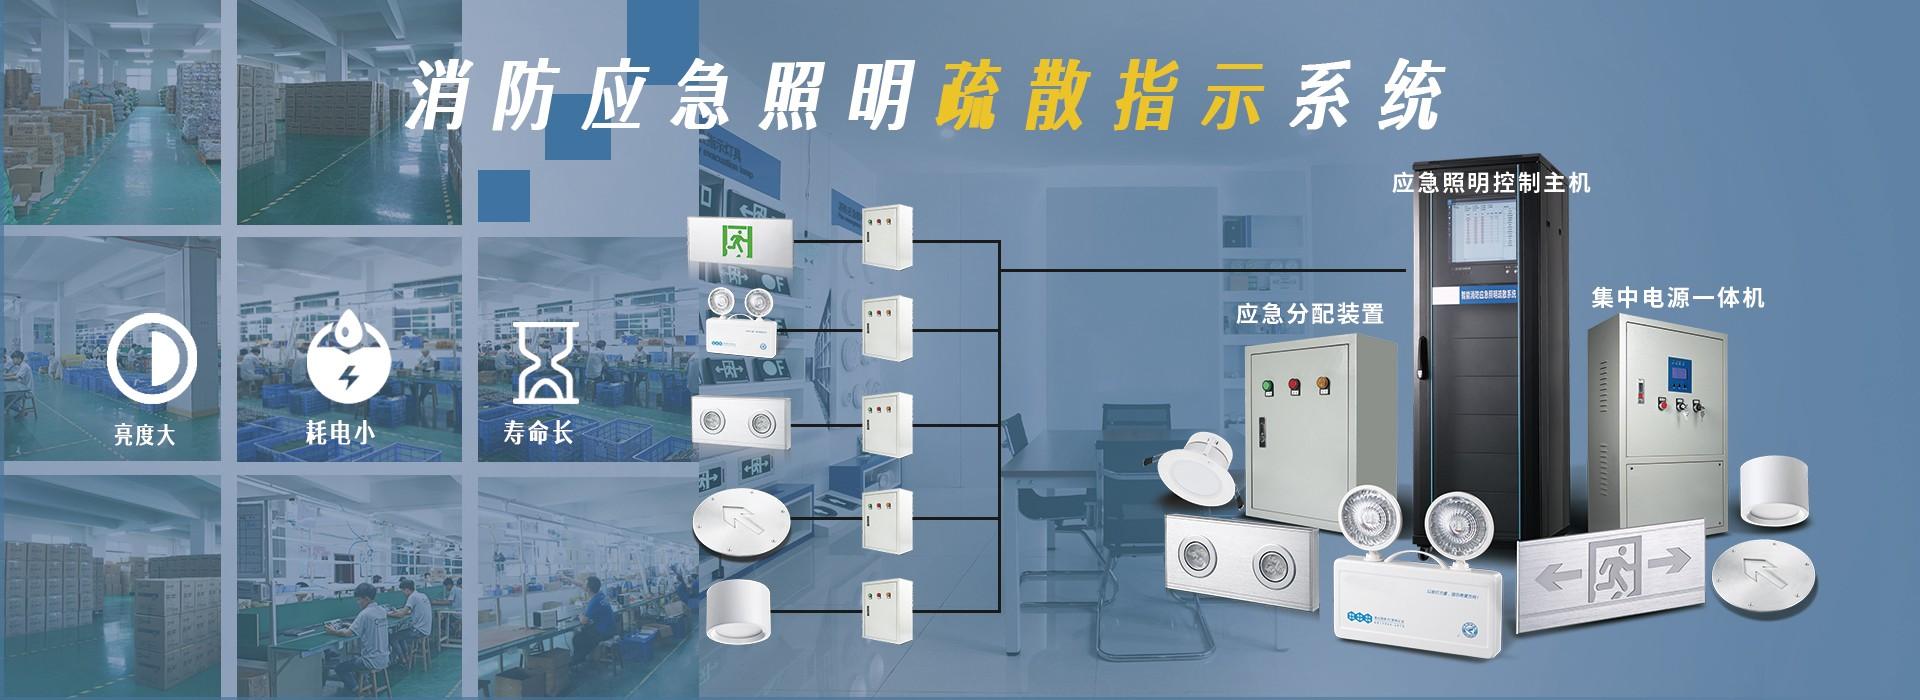 集中電源集中控製型智能應急照明疏散指示係統廠商介紹組成